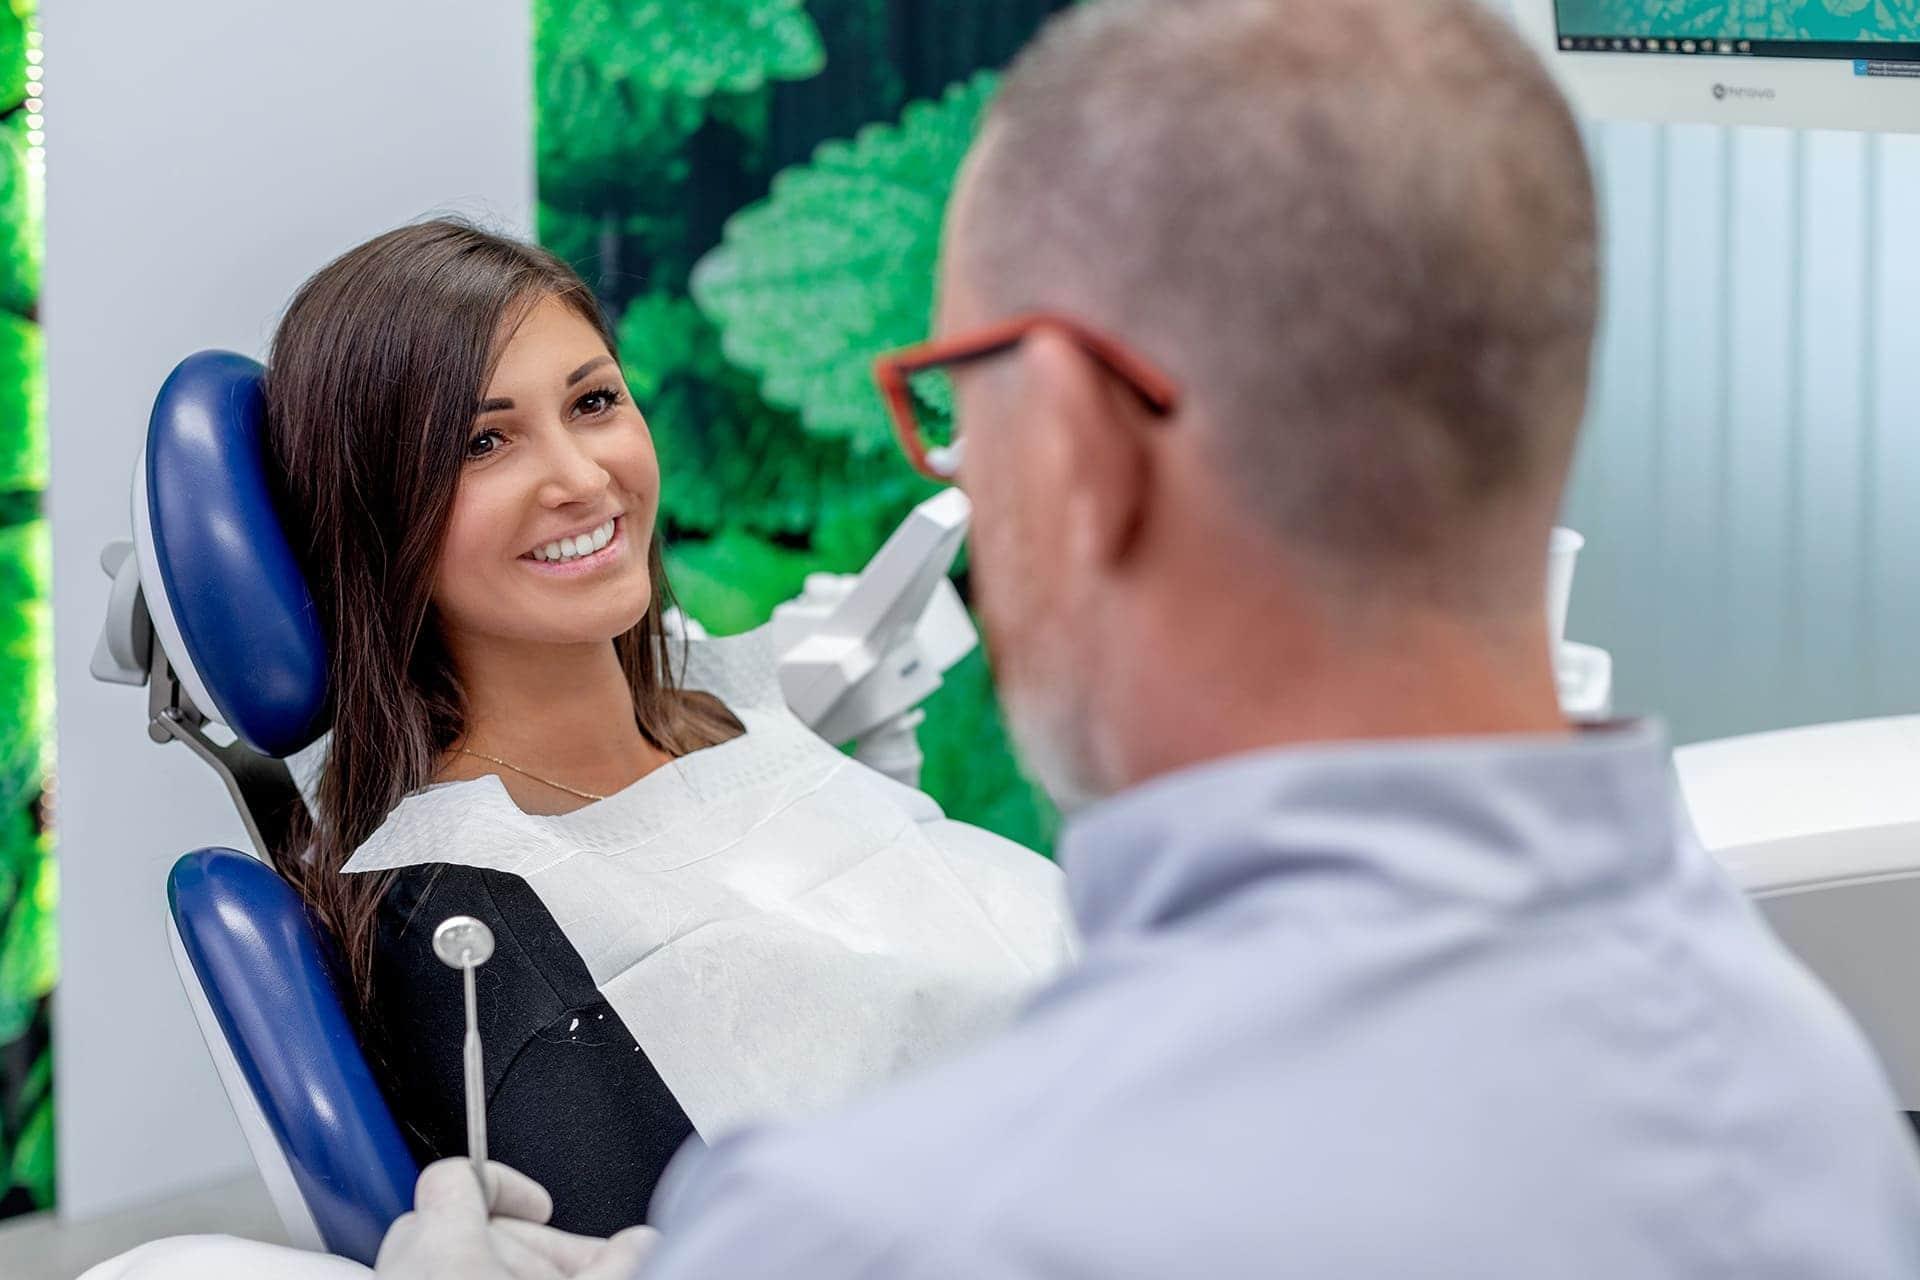 Jadczyk - leczenie zębów uPacjentów zdentofobią